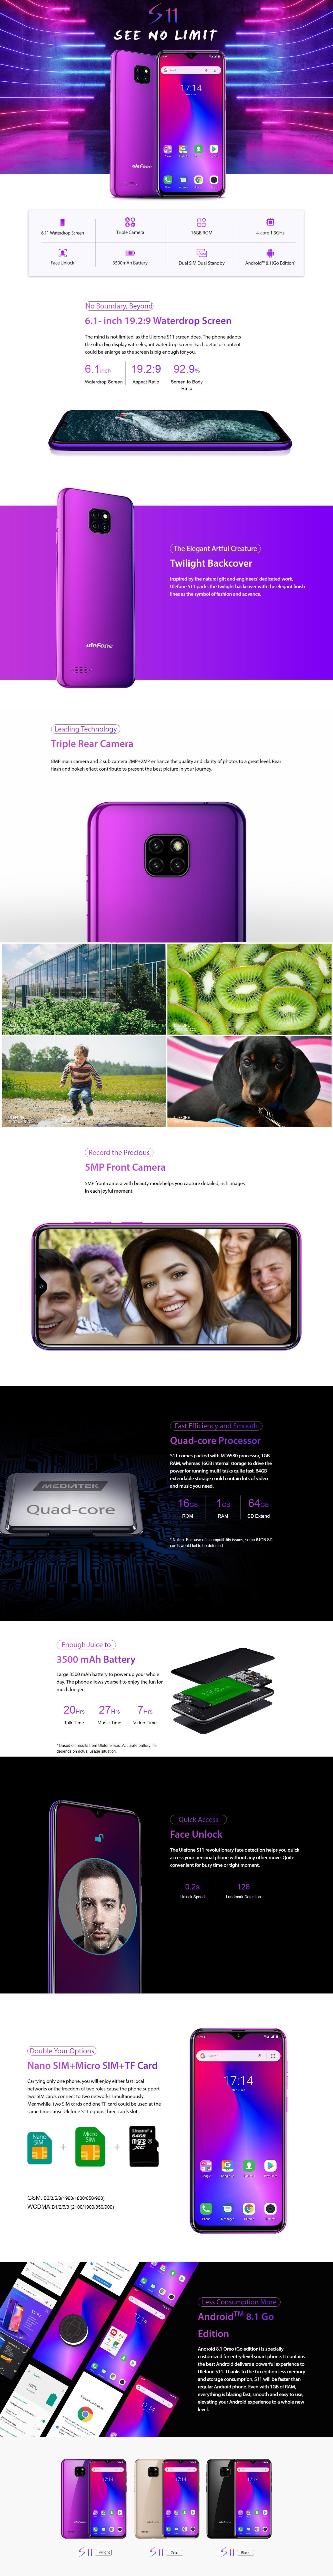 Prezentare-Ulefone-S11623990471f7666af.jpg